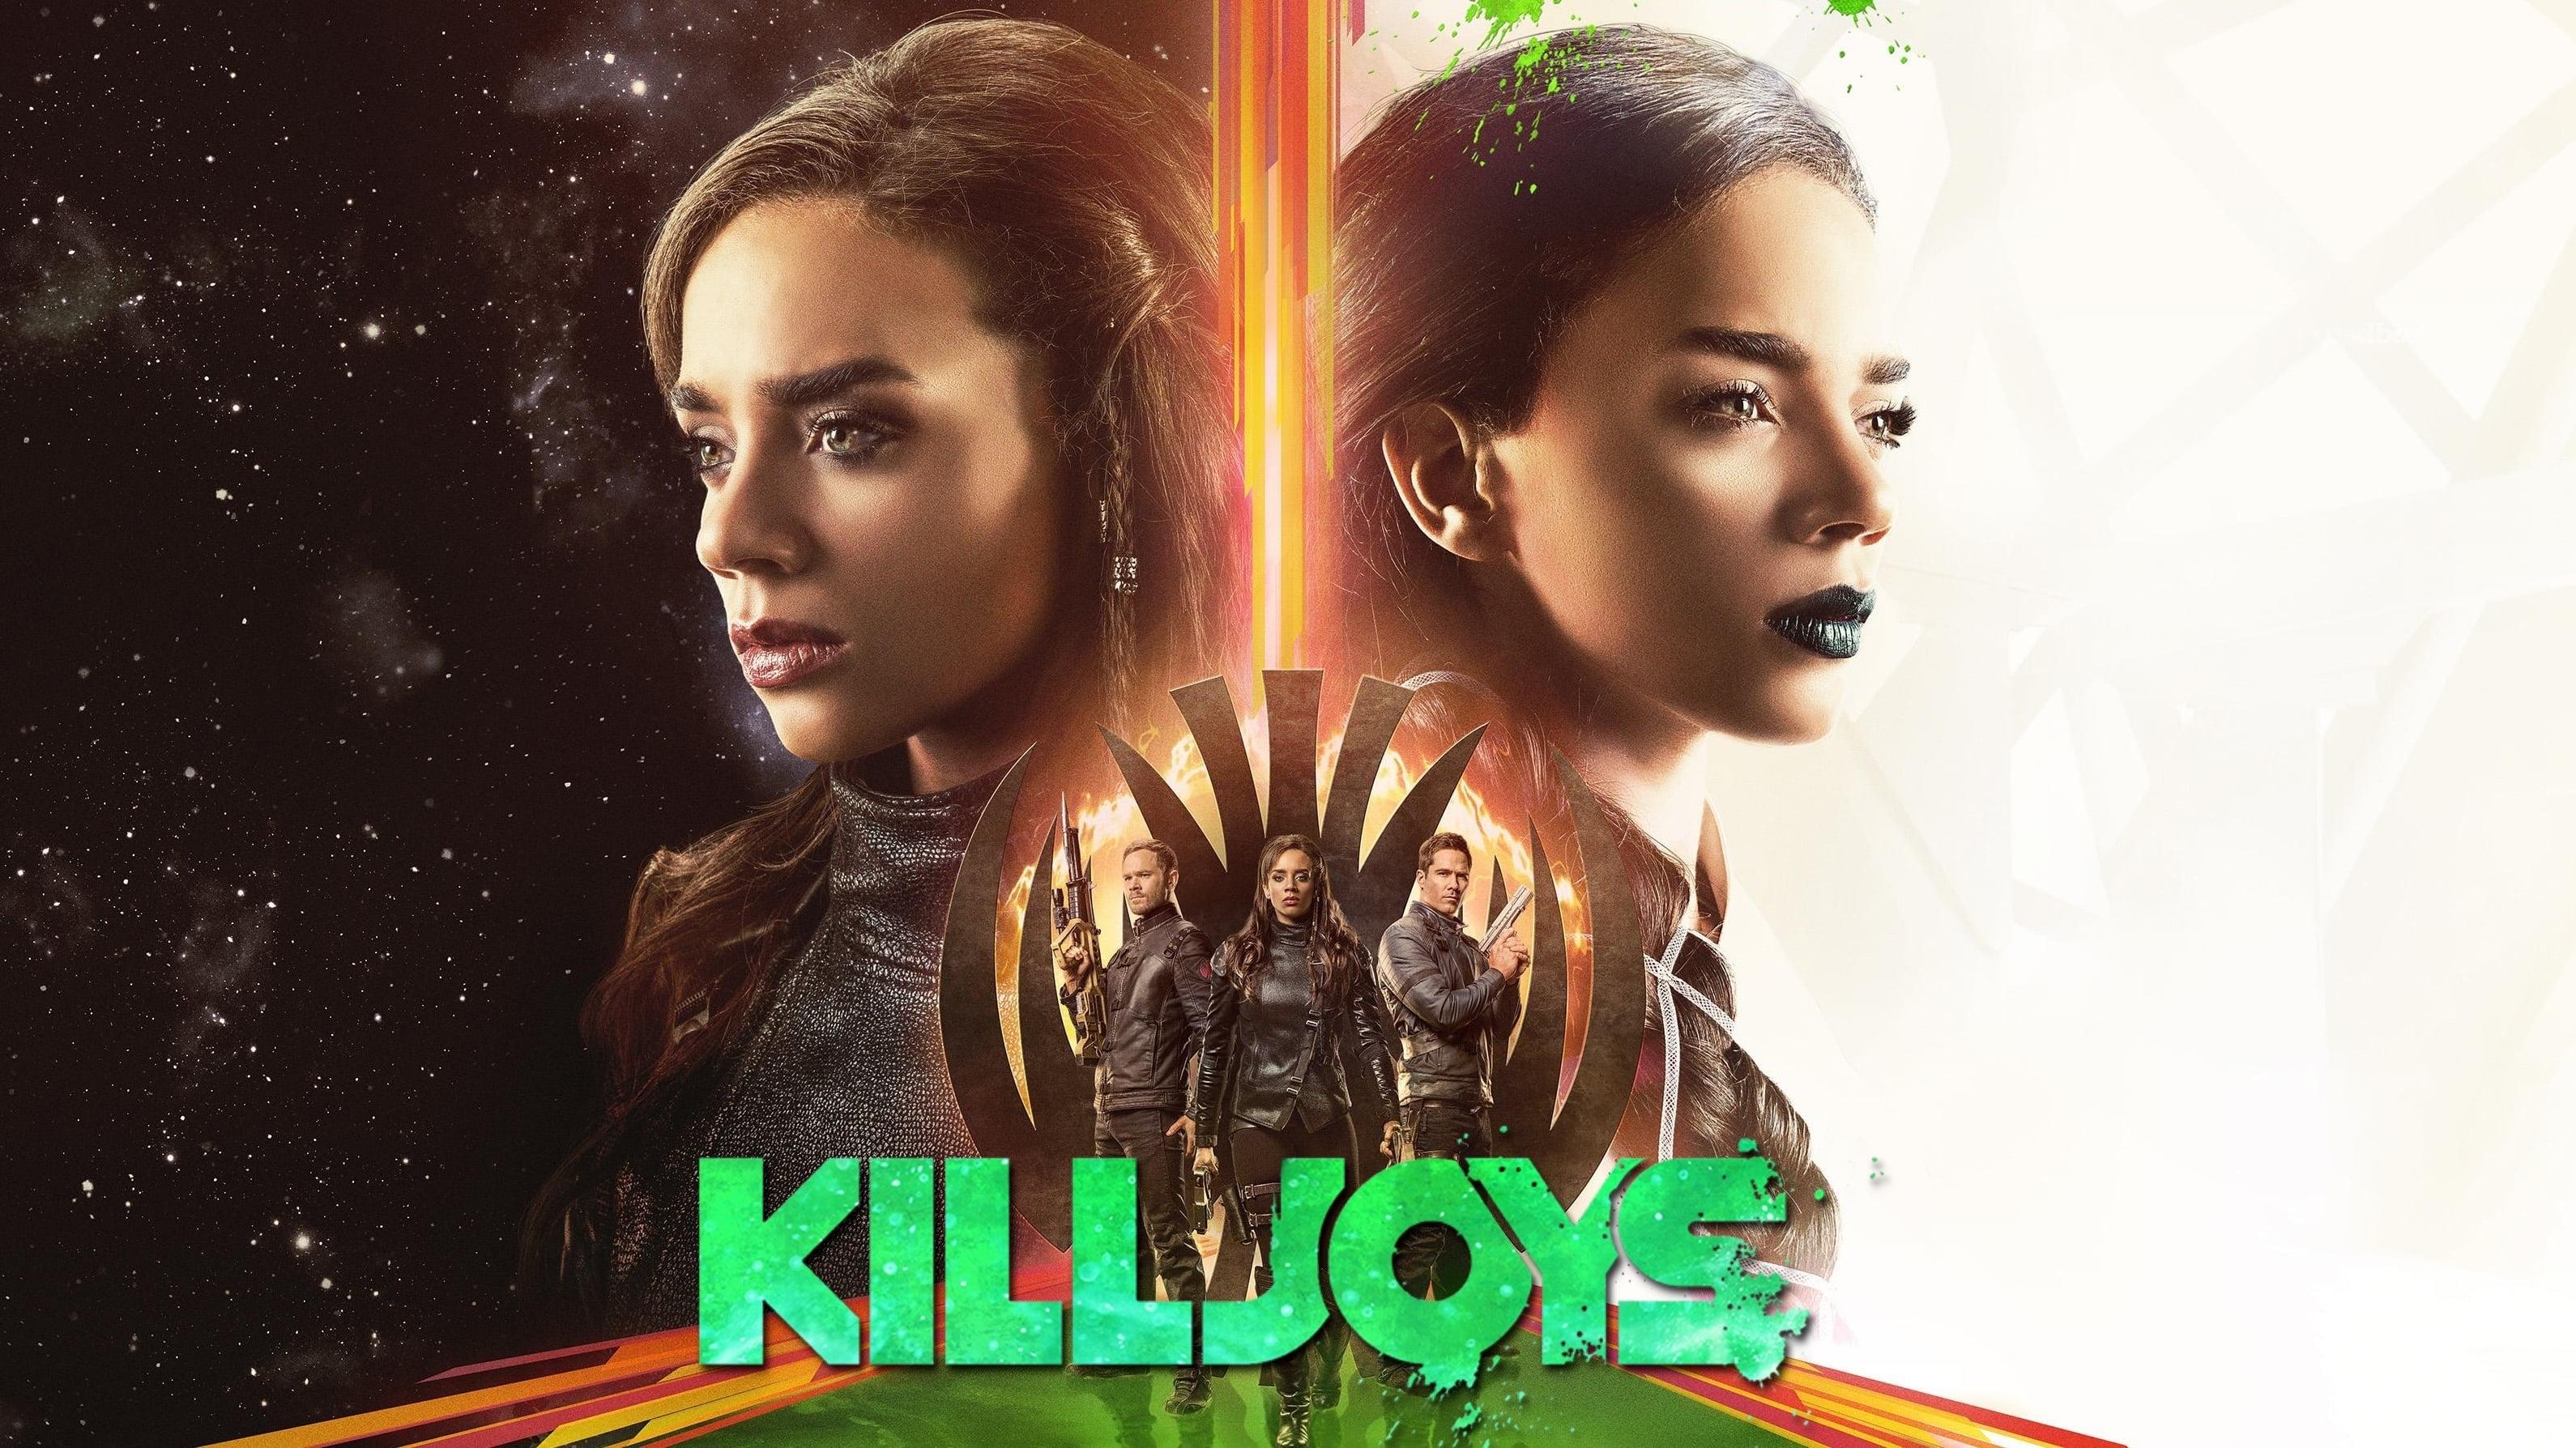 Killjoys - Season 2